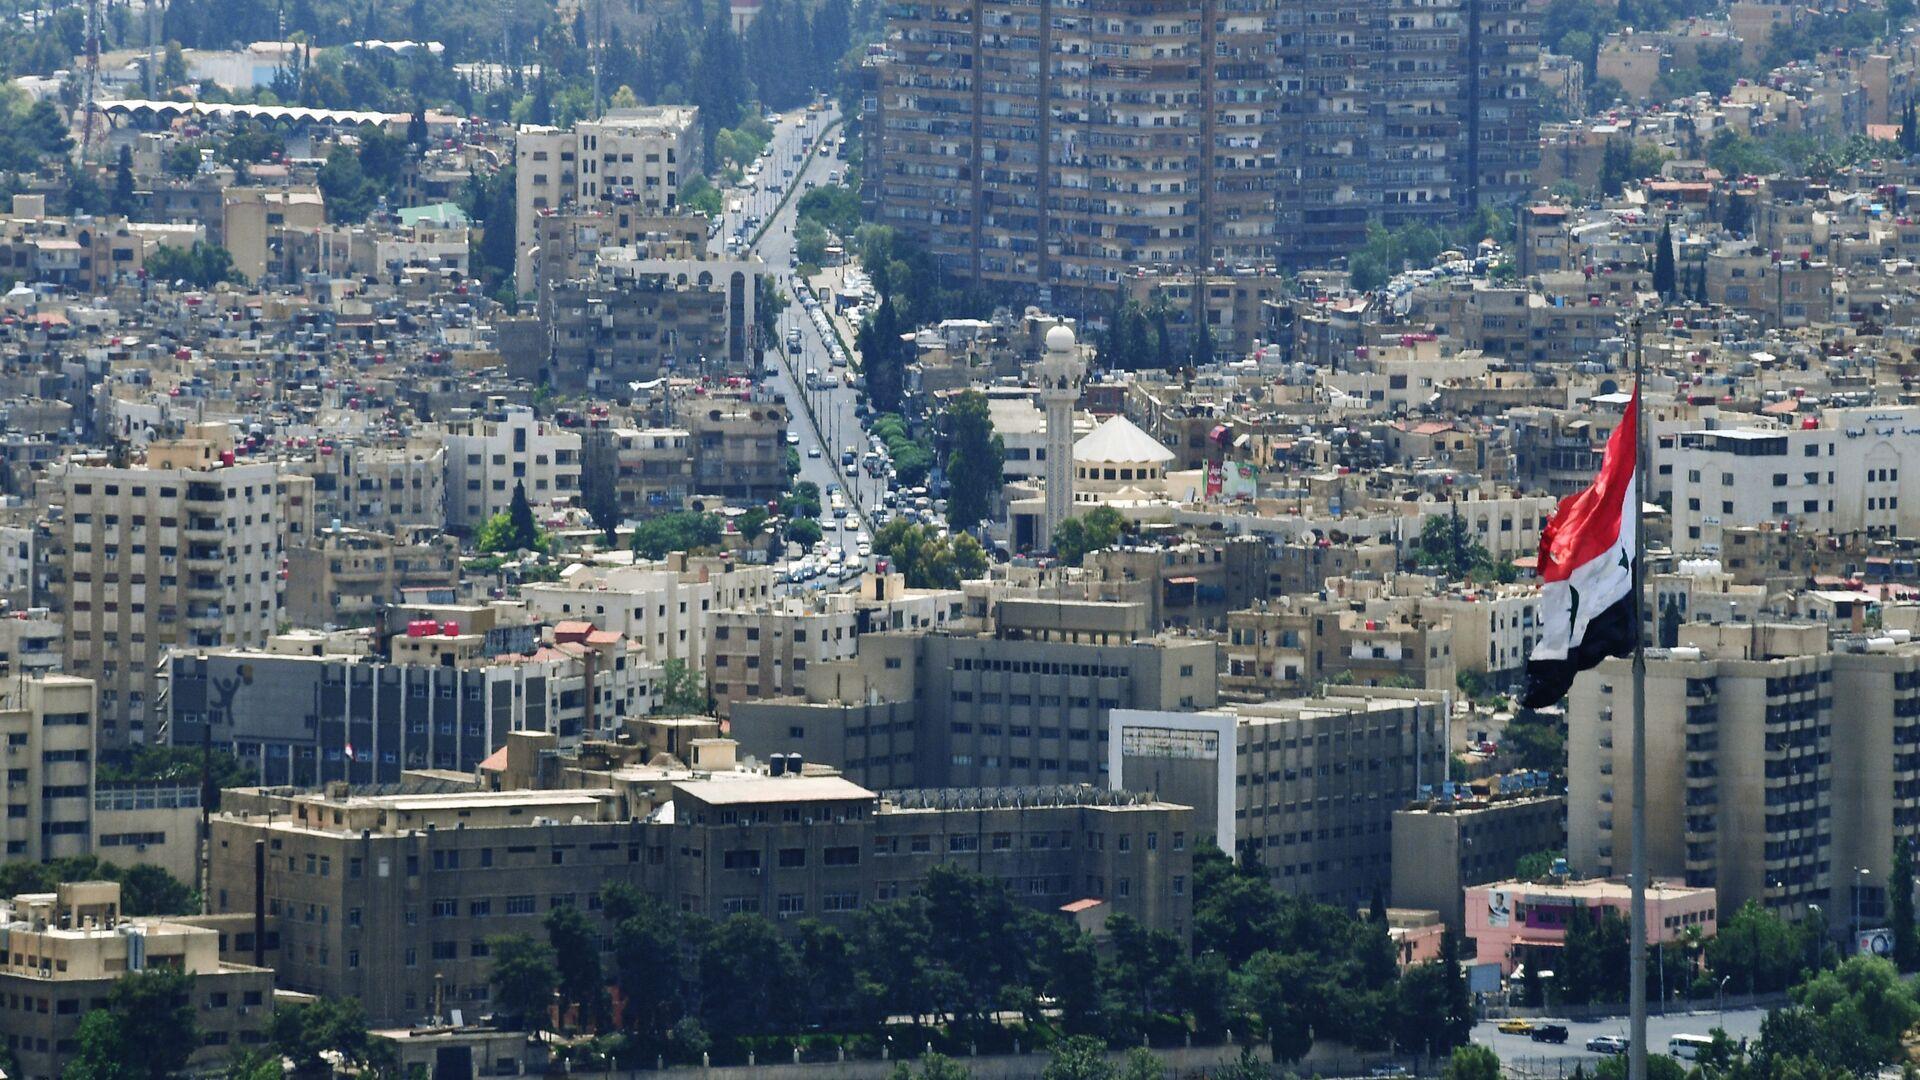 La vida cotidiana en Damasco, Siria - Sputnik Mundo, 1920, 17.09.2021